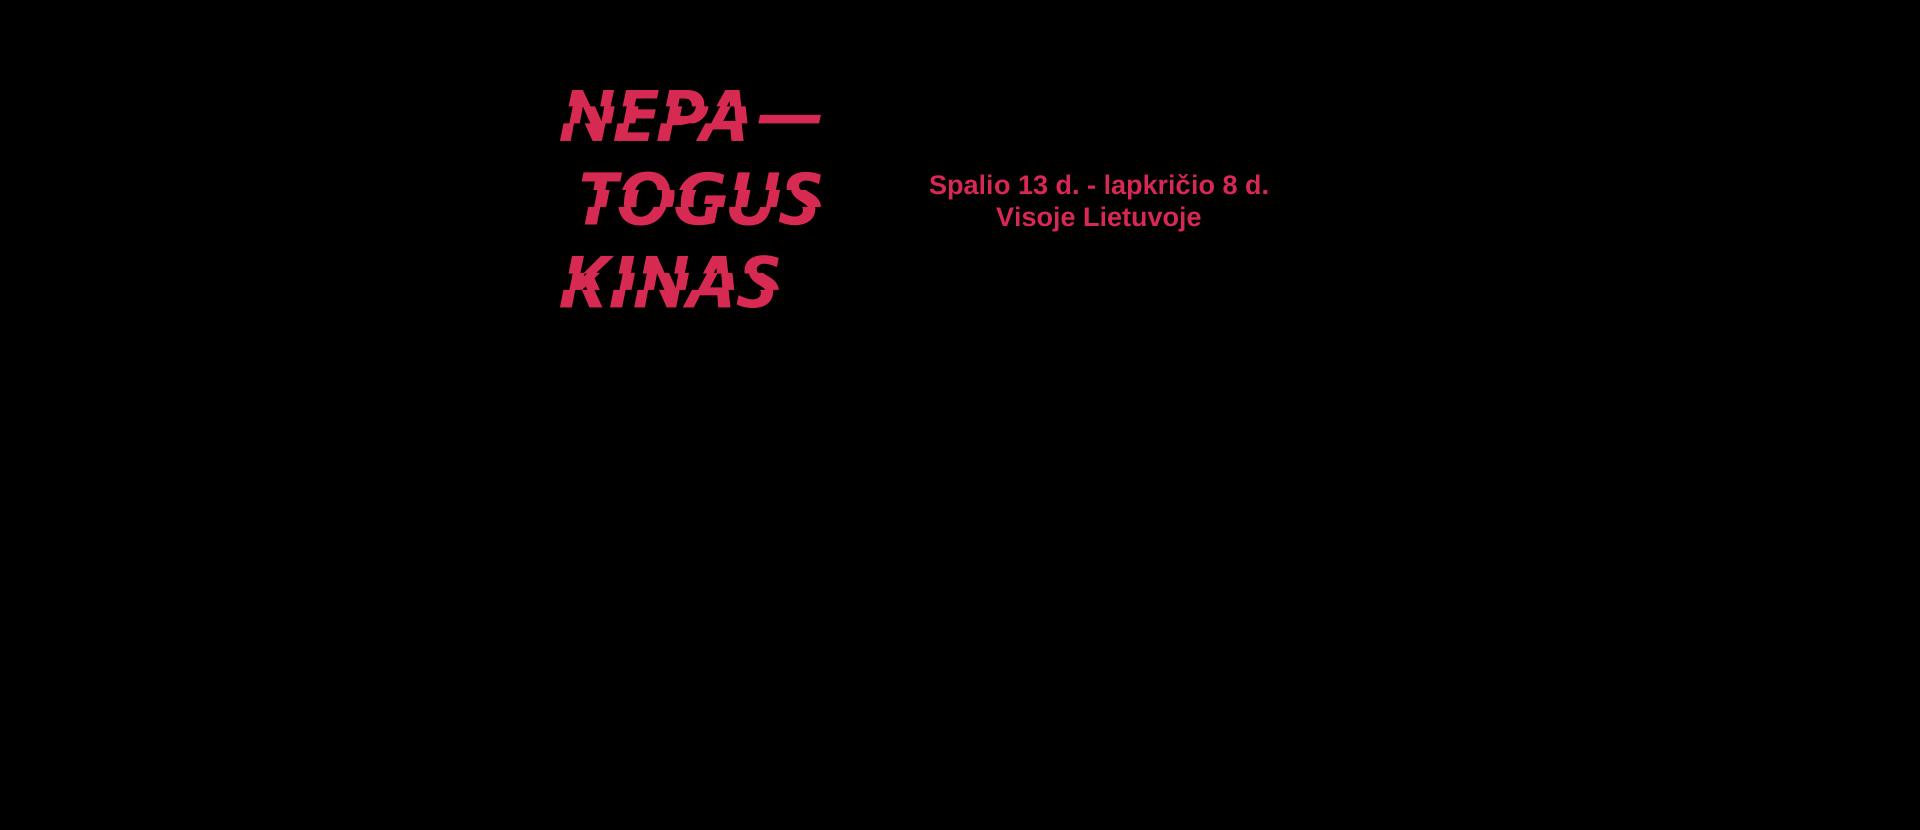 """Festivalis """"Nepatogus kinas"""" (REPERTUARAS)"""